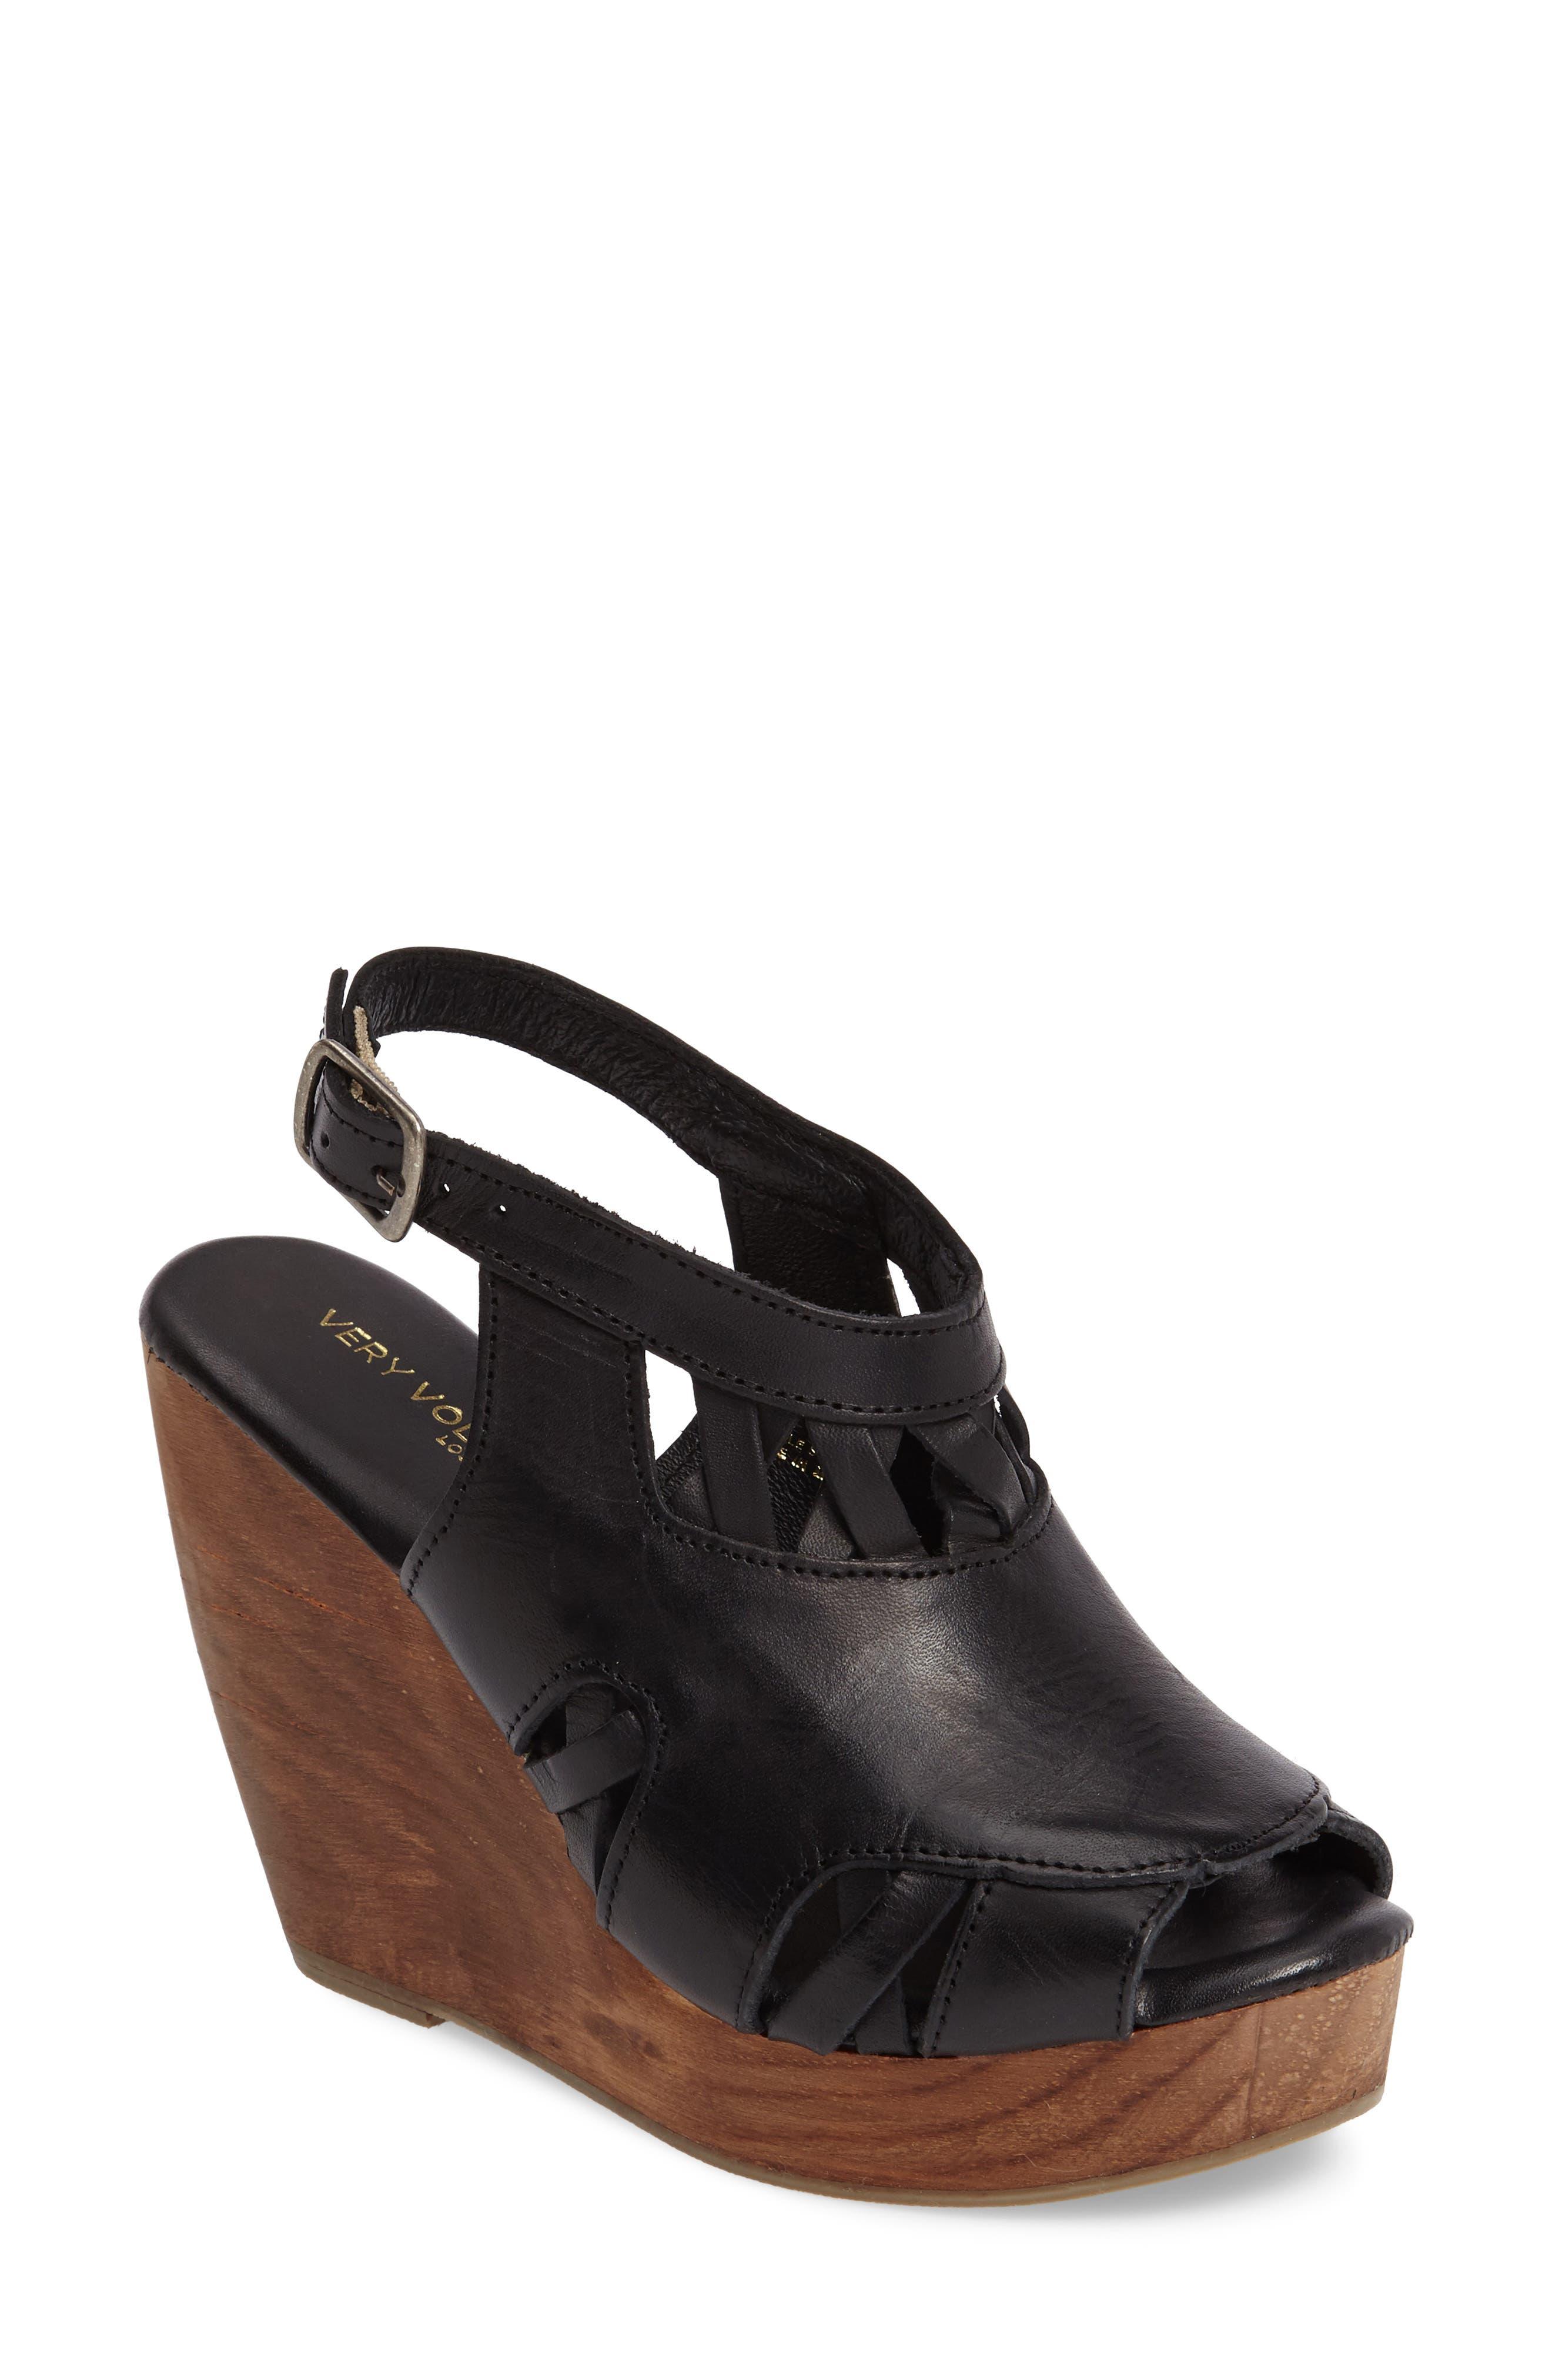 Sloane Platform Wedge Sandal,                         Main,                         color,